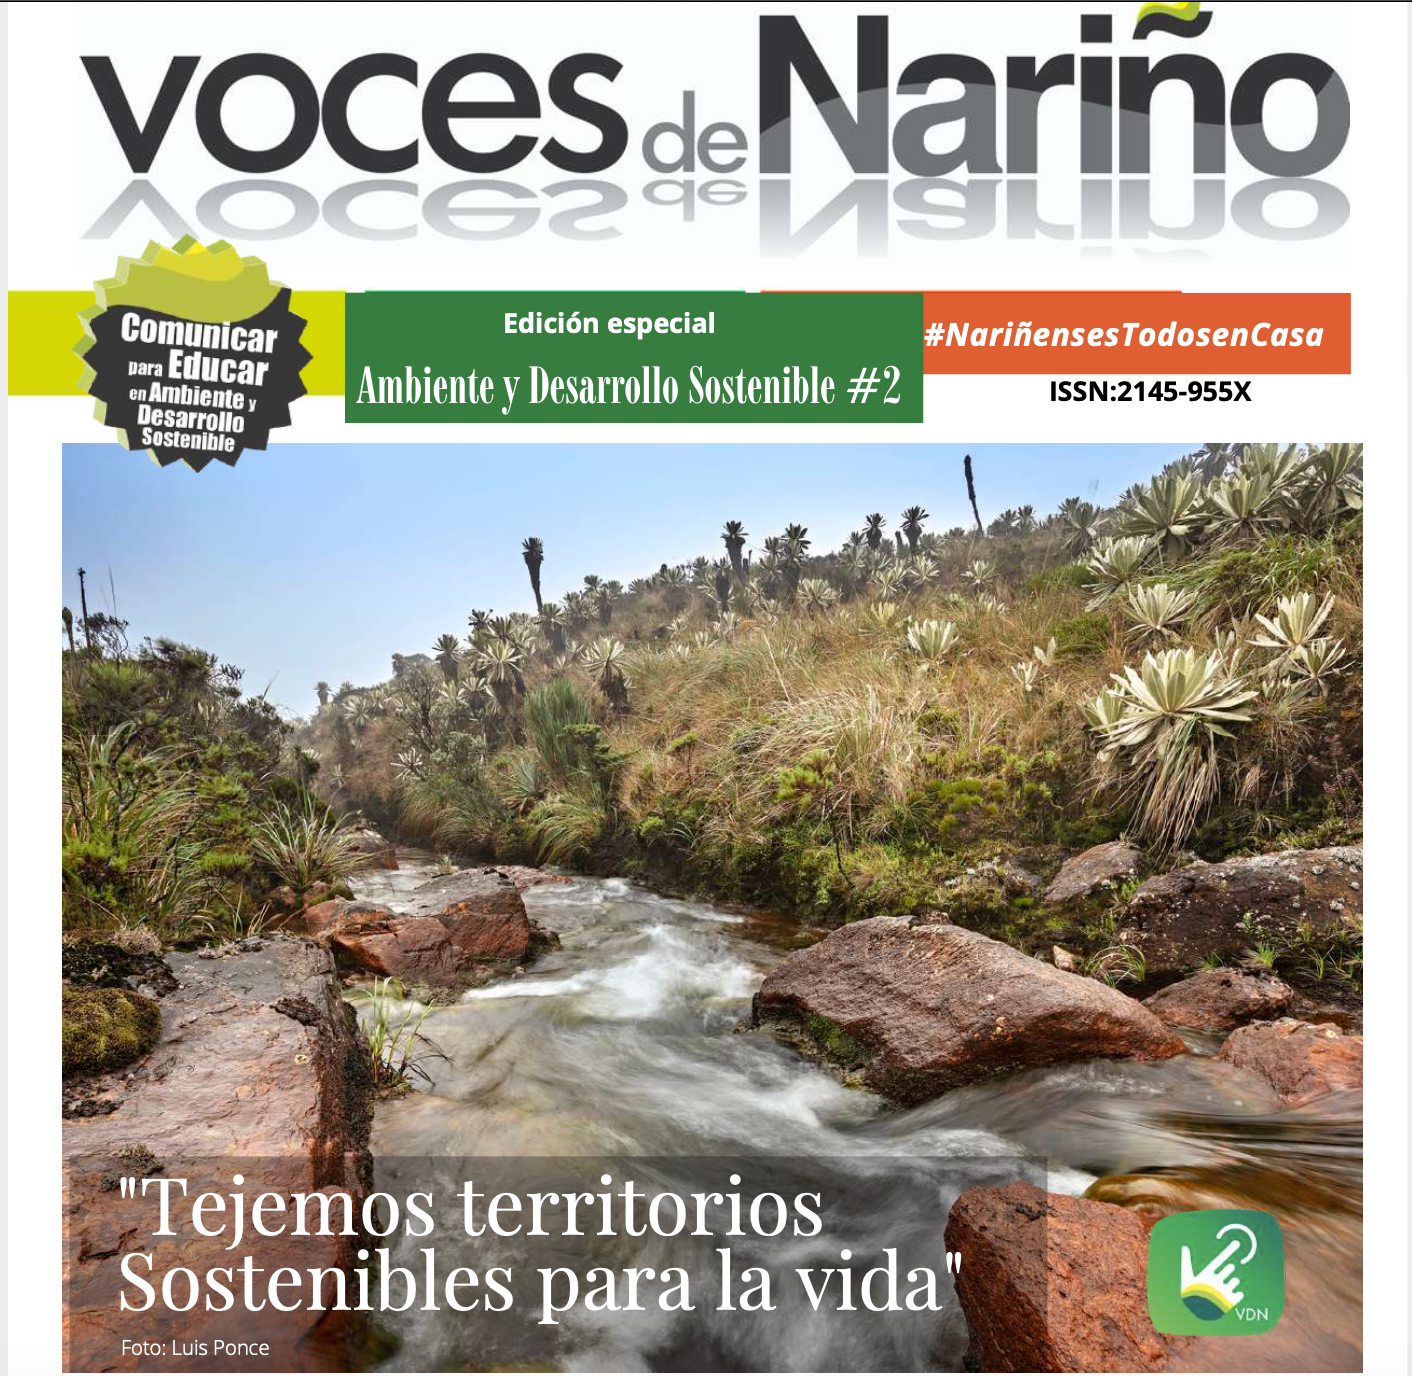 Comunicar para educar en Ambiente y Desarrollo Sostenible – Voces de Nariño